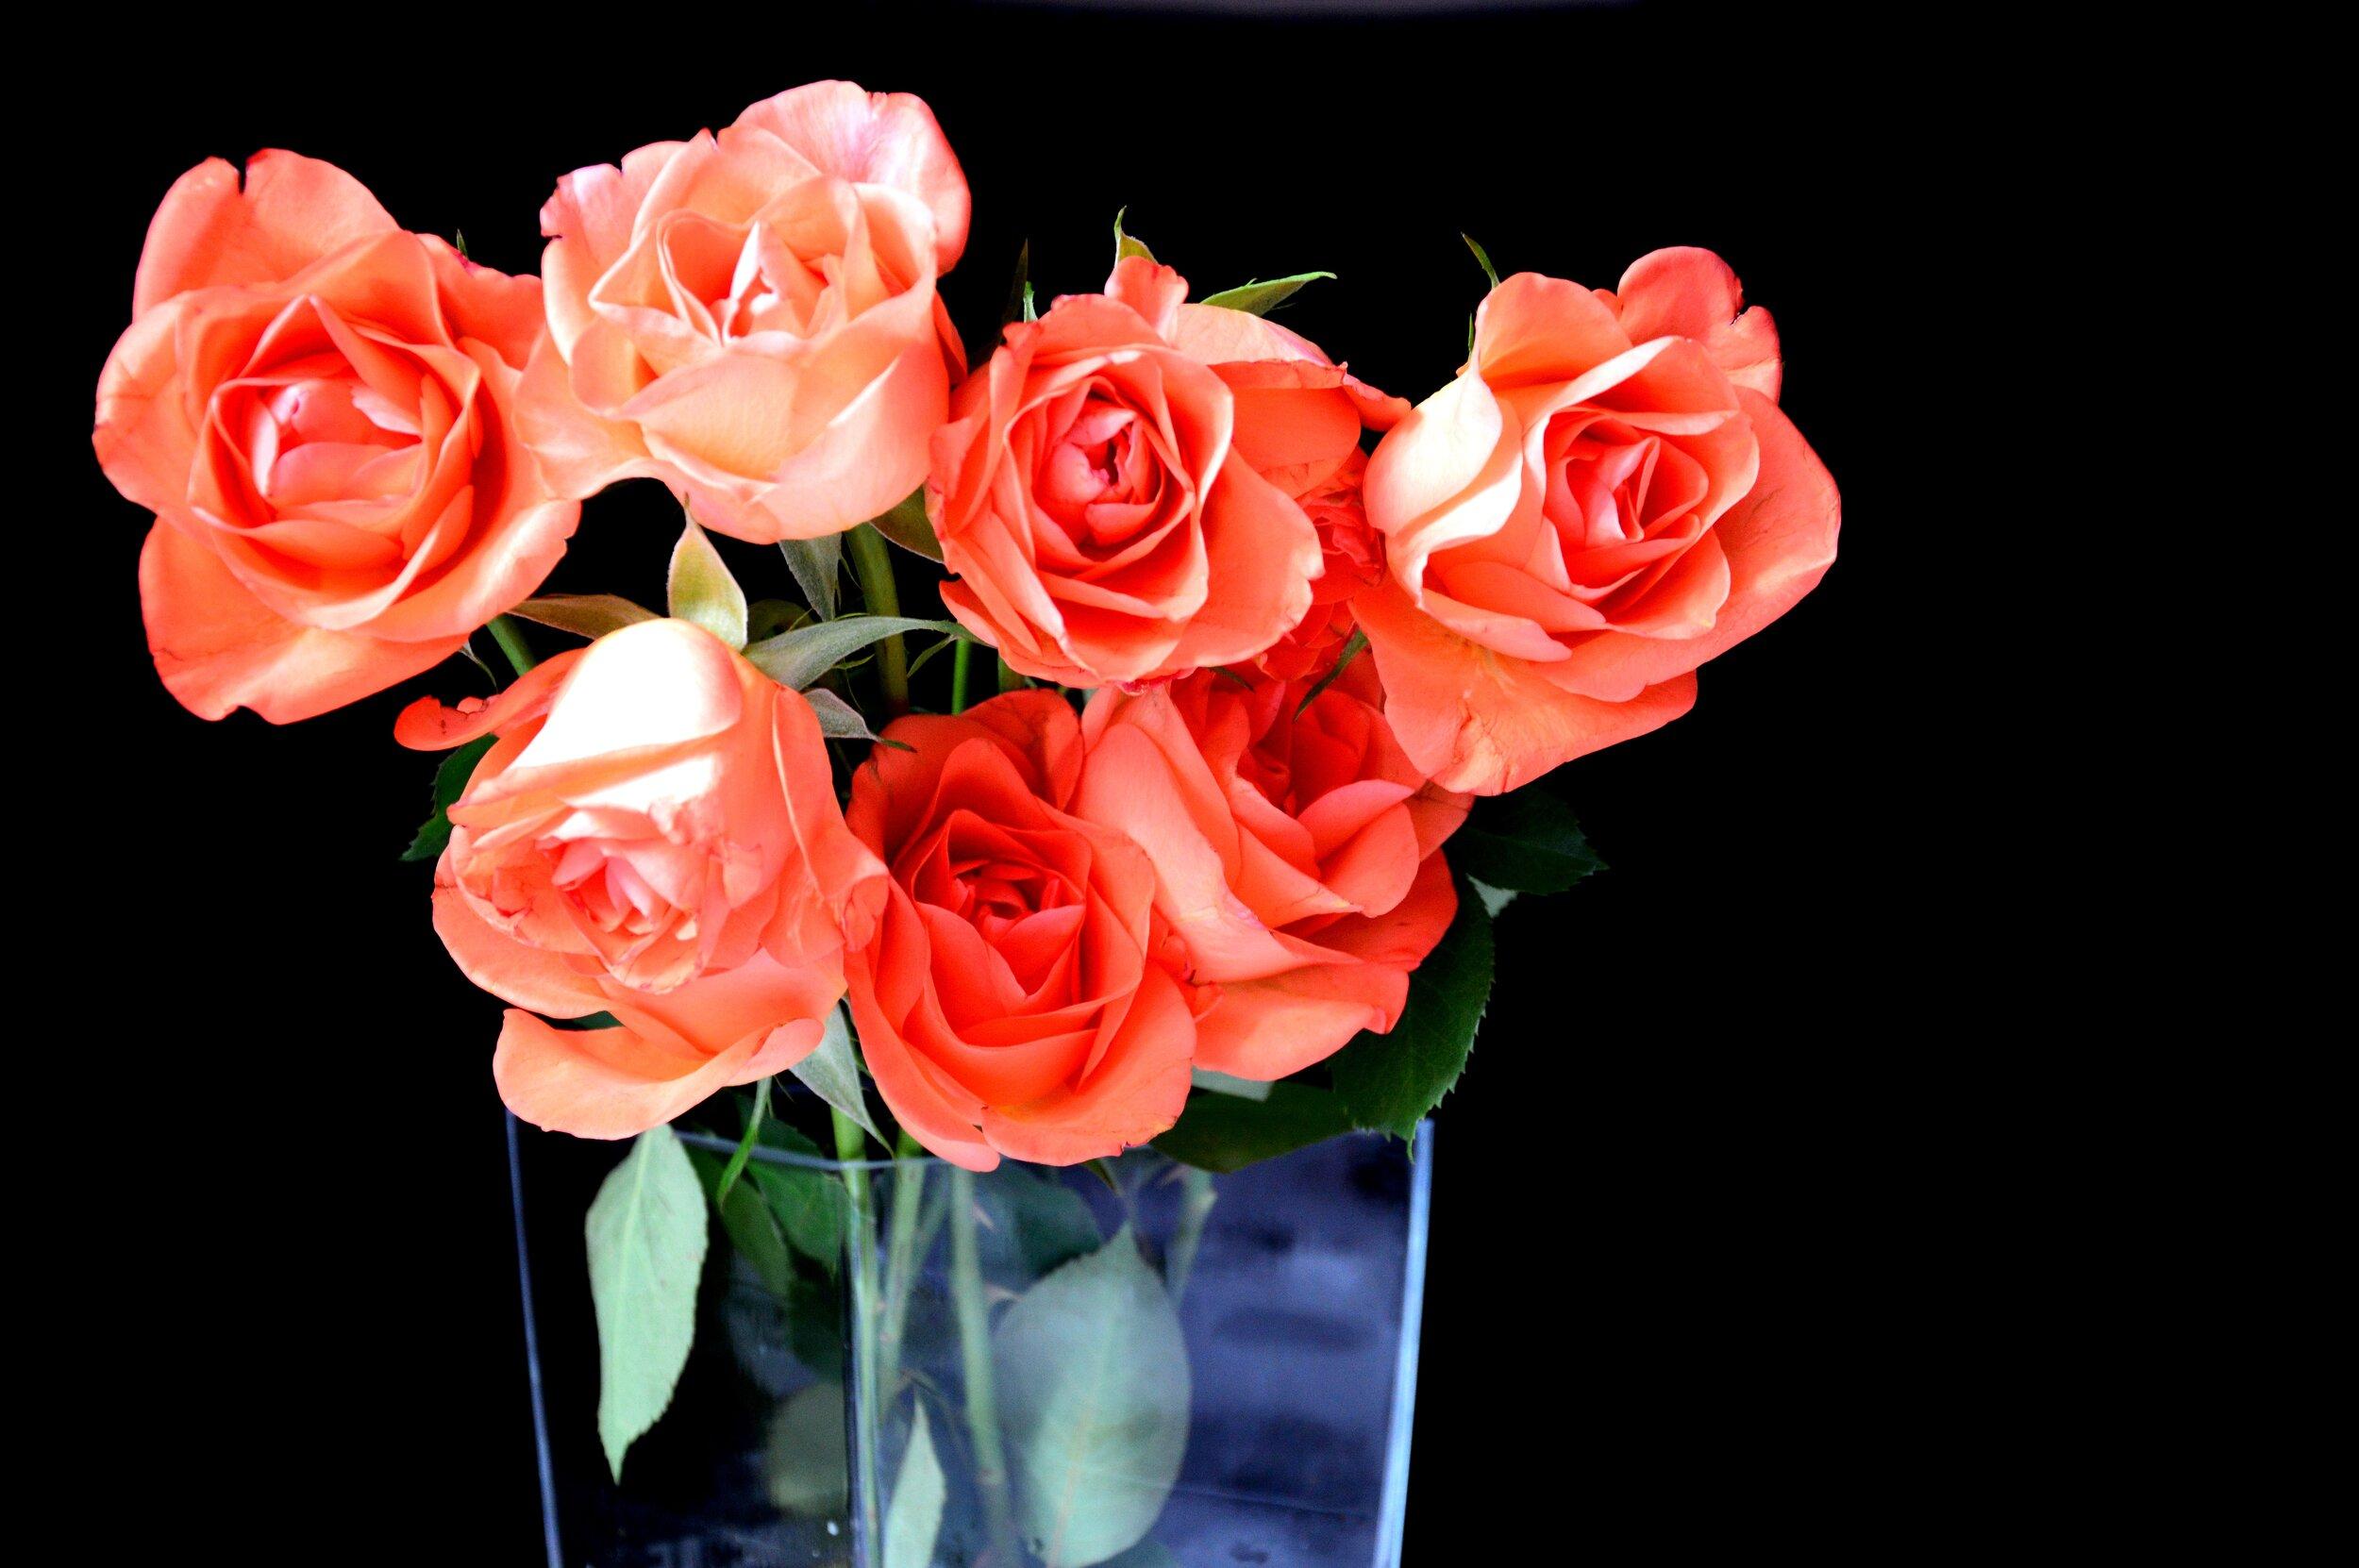 roses-1155986.jpg